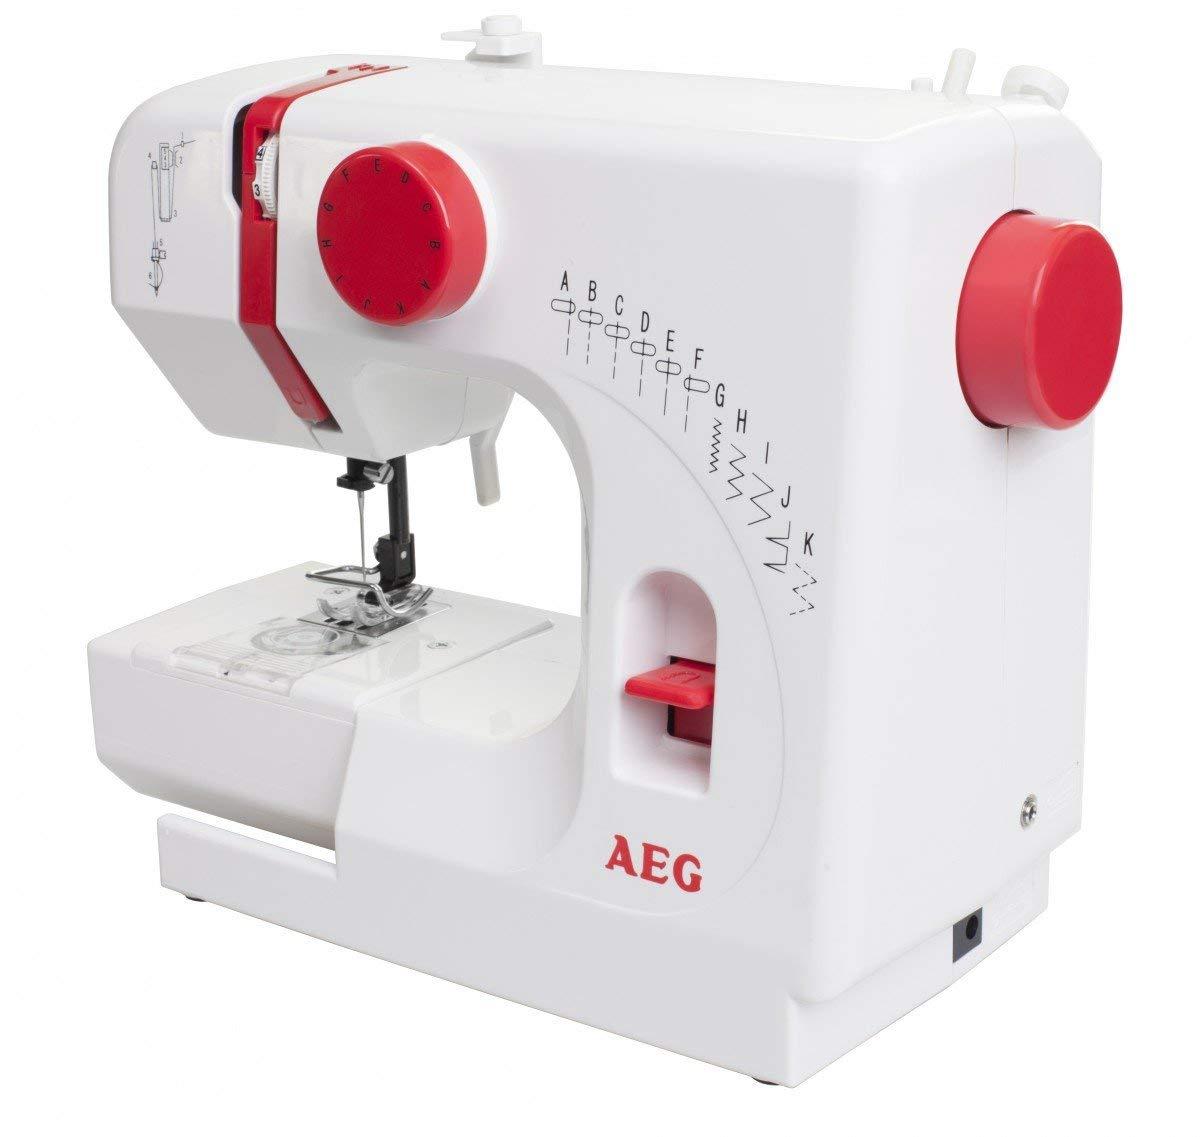 AEG NM100 Mini Nähmaschine im Test vergleichen